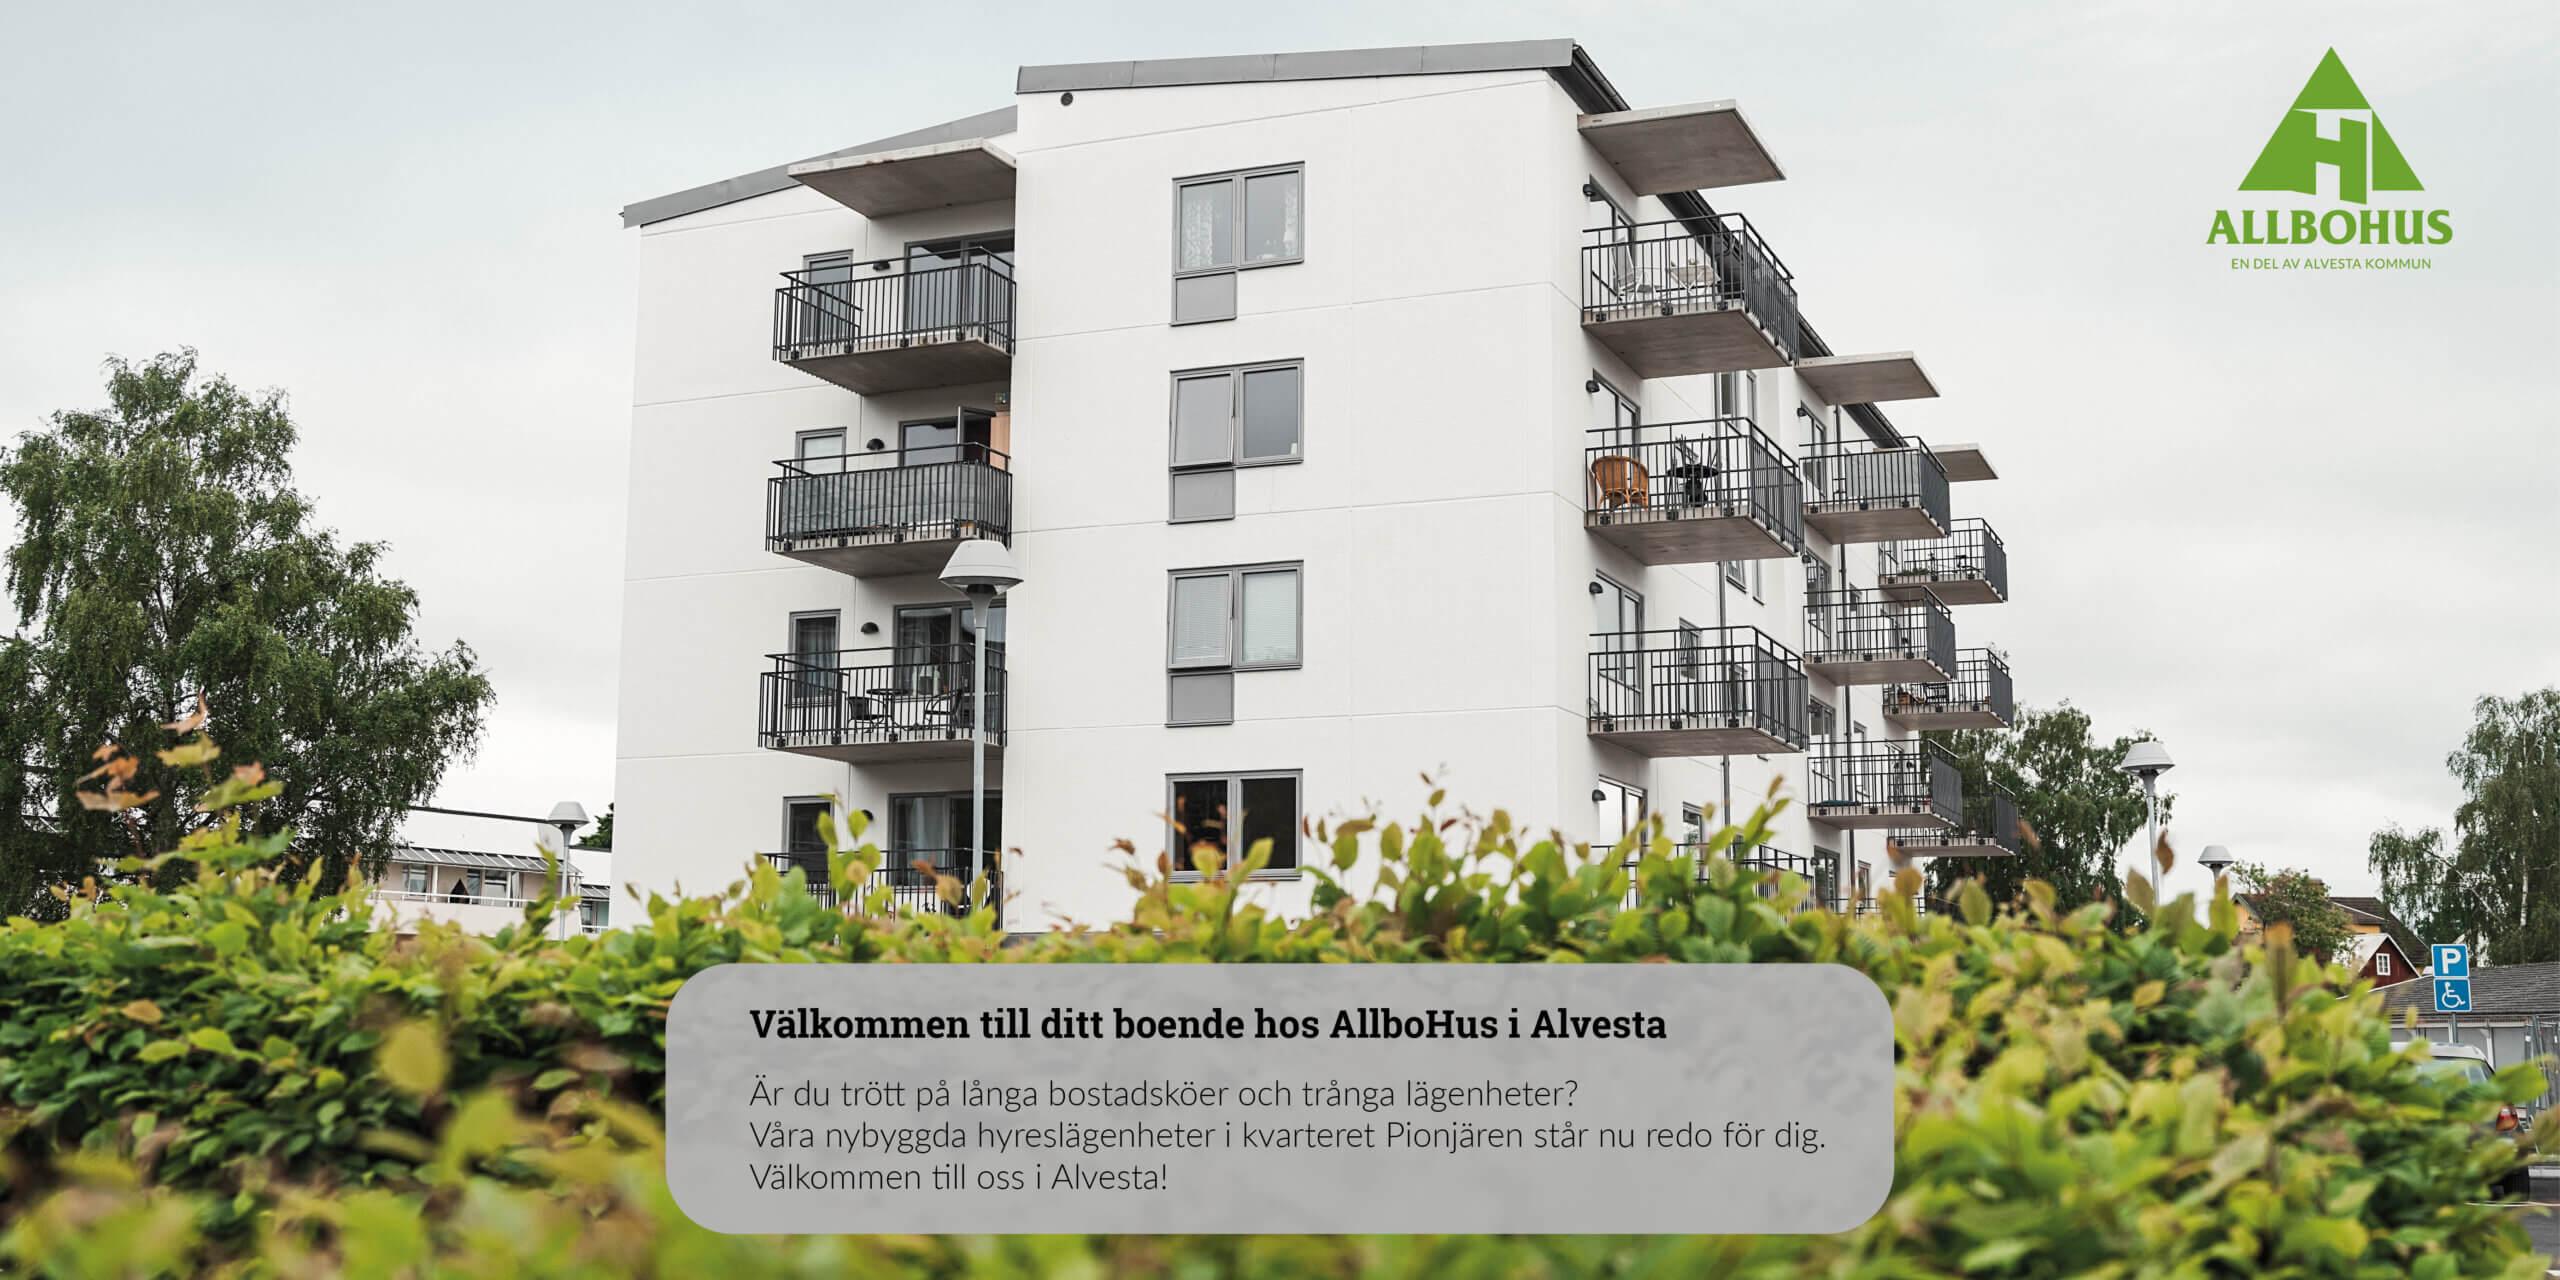 Är du trött på långa bostadsköer och trånga lägenheter? Välkommen att ansöka om lägenhet i Alvesta hos oss på Allbohus. Vi öppnar nu upp ett nytt område, Kv. Pionjären, med 55 välplanerade lägenheter fördelade på fem våningar i storlekarna 1-3 rok. Våra lägenheter ligger endast 10–20 minuter pendlingstid från Växjö med flera avgångar i timmen via buss och tåg.